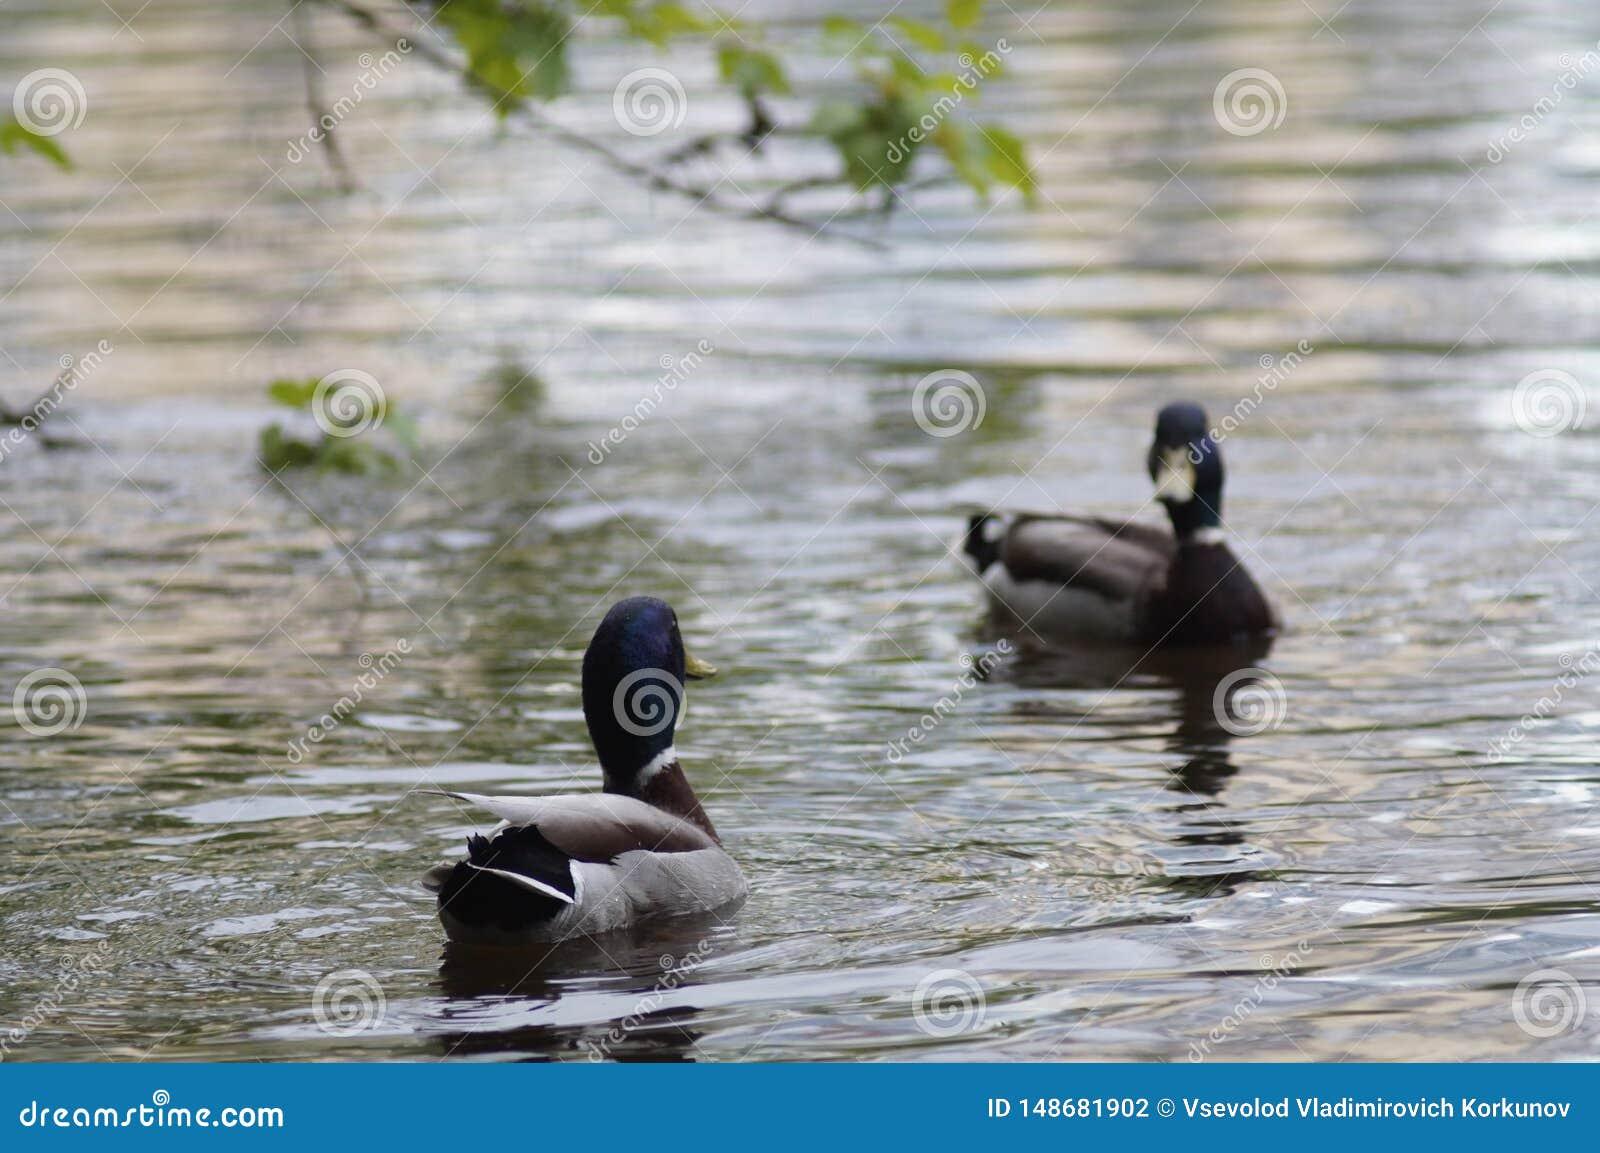 Canard de canard sauvage sur un ?tang de ville ? Iekaterinbourg Russie